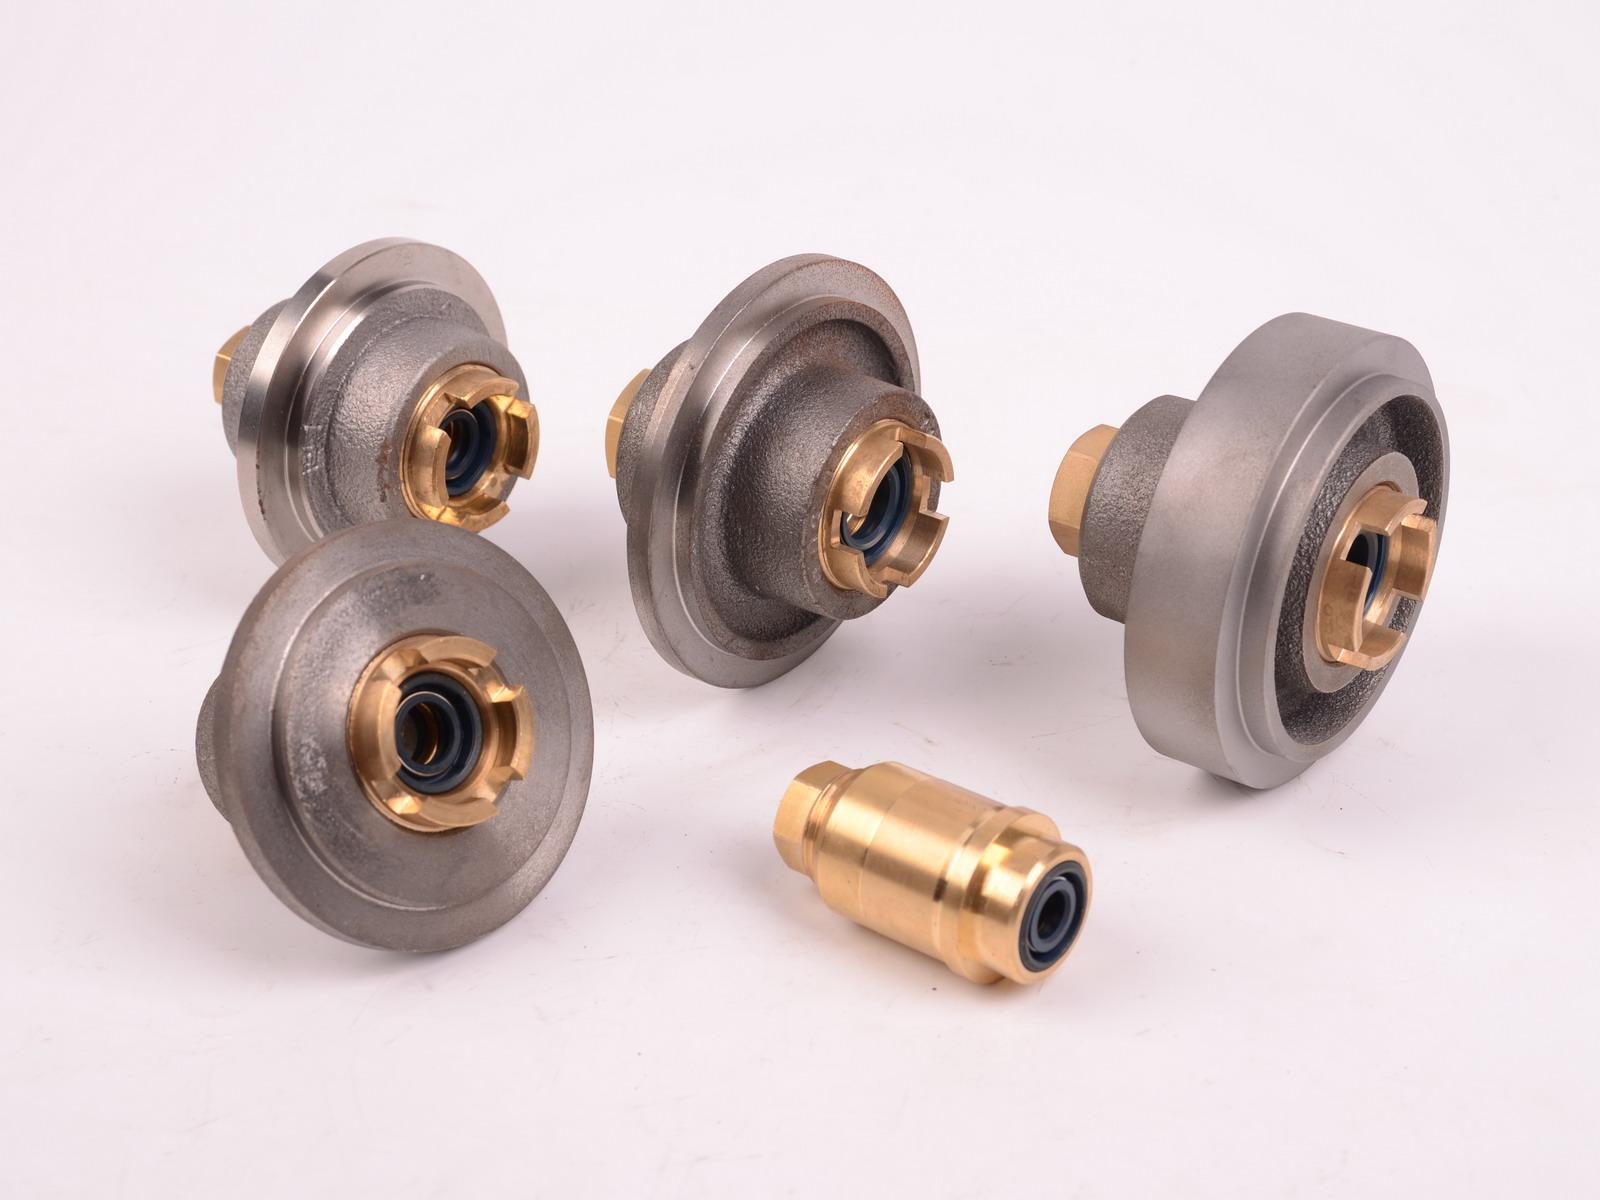 mit ersatzteilen von steffens hochwertige pumpen reparieren steffens pumpen. Black Bedroom Furniture Sets. Home Design Ideas